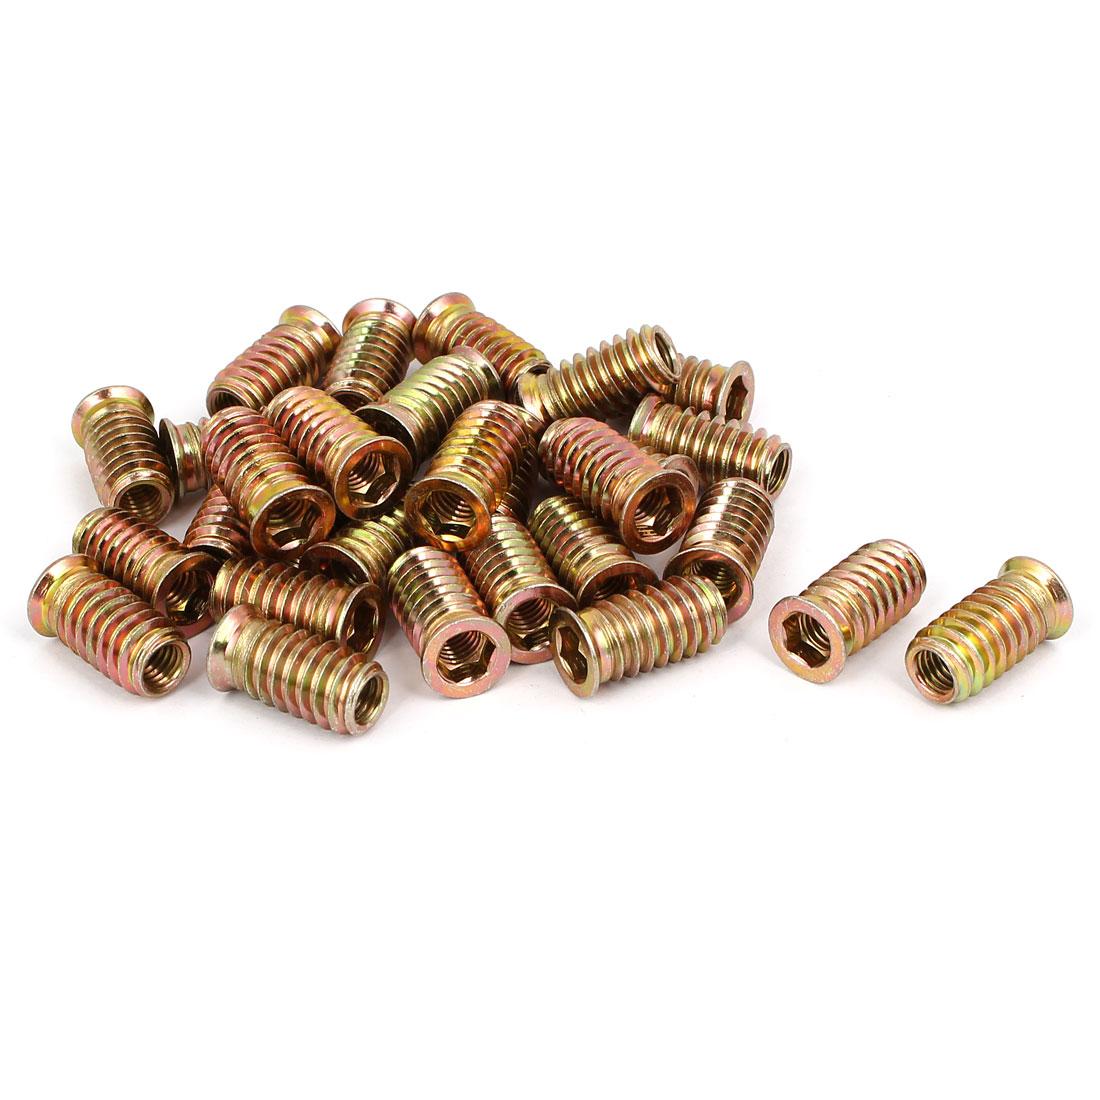 8mm x 25mm Wood Furniture Insert Interface E-Nut Hex Socket Threaded Nut 30PCS